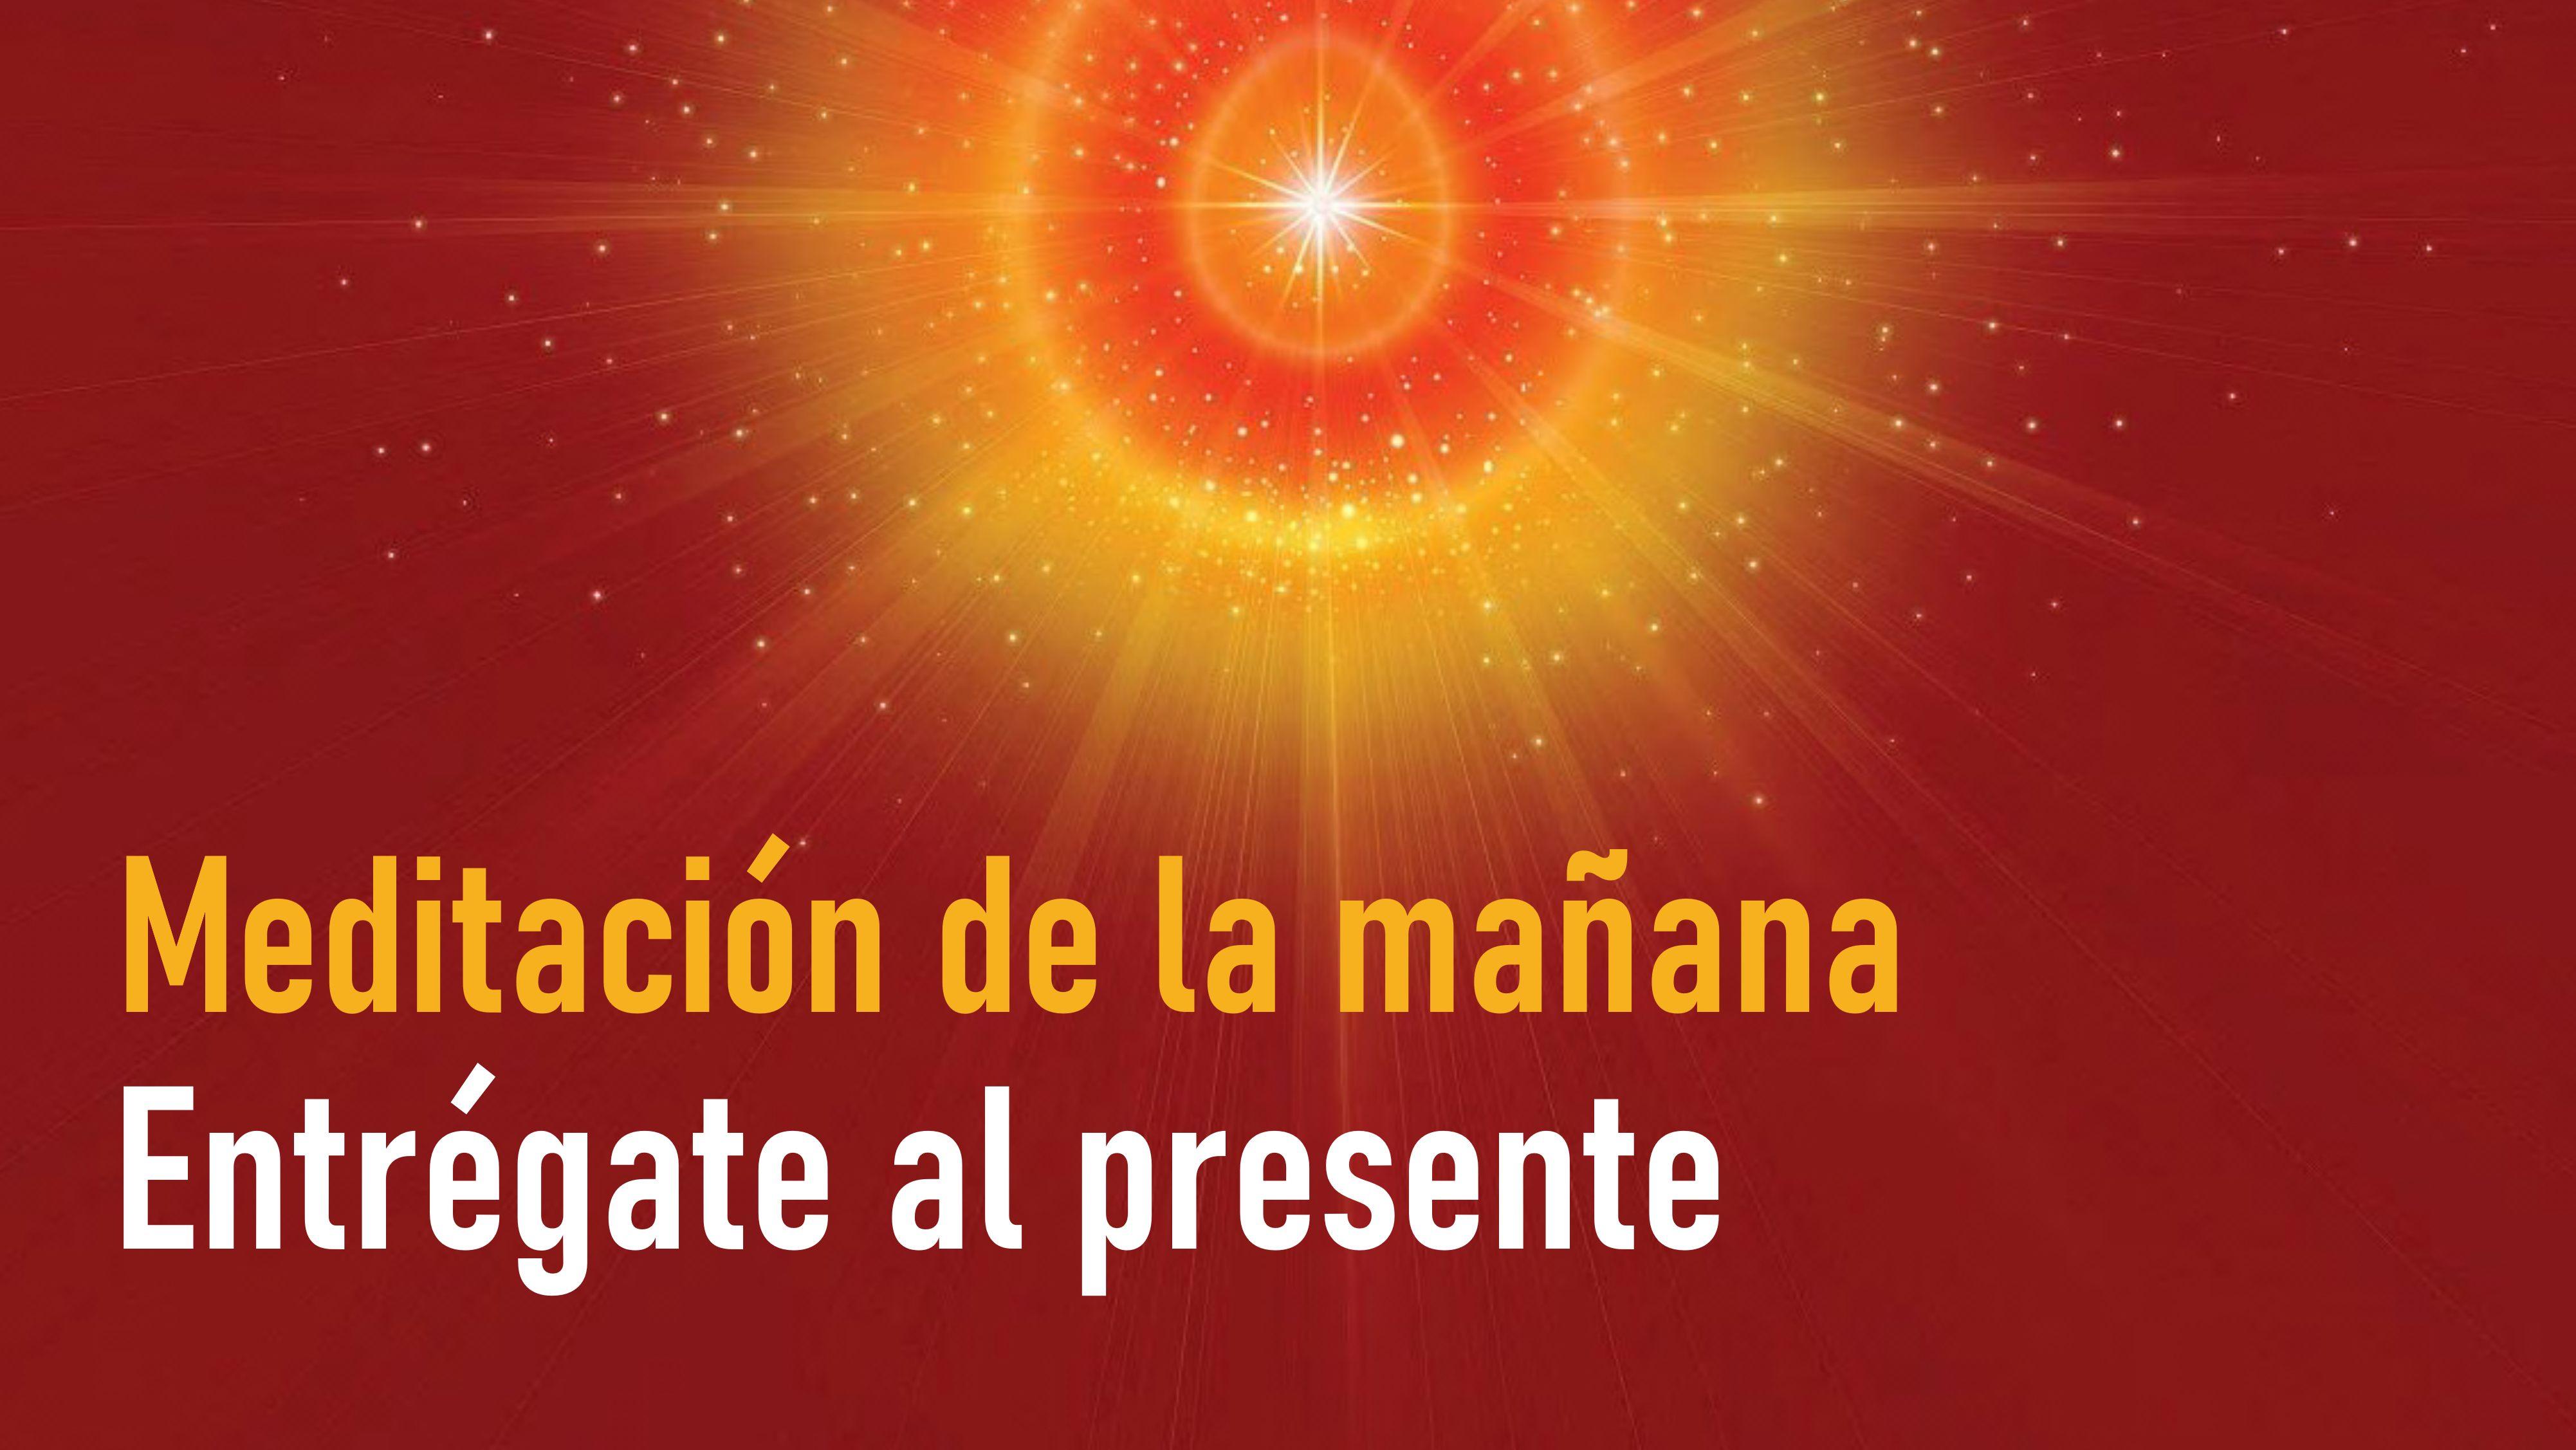 Meditación de la mañana: Entrégate al presente (16 Septiembre 2020)